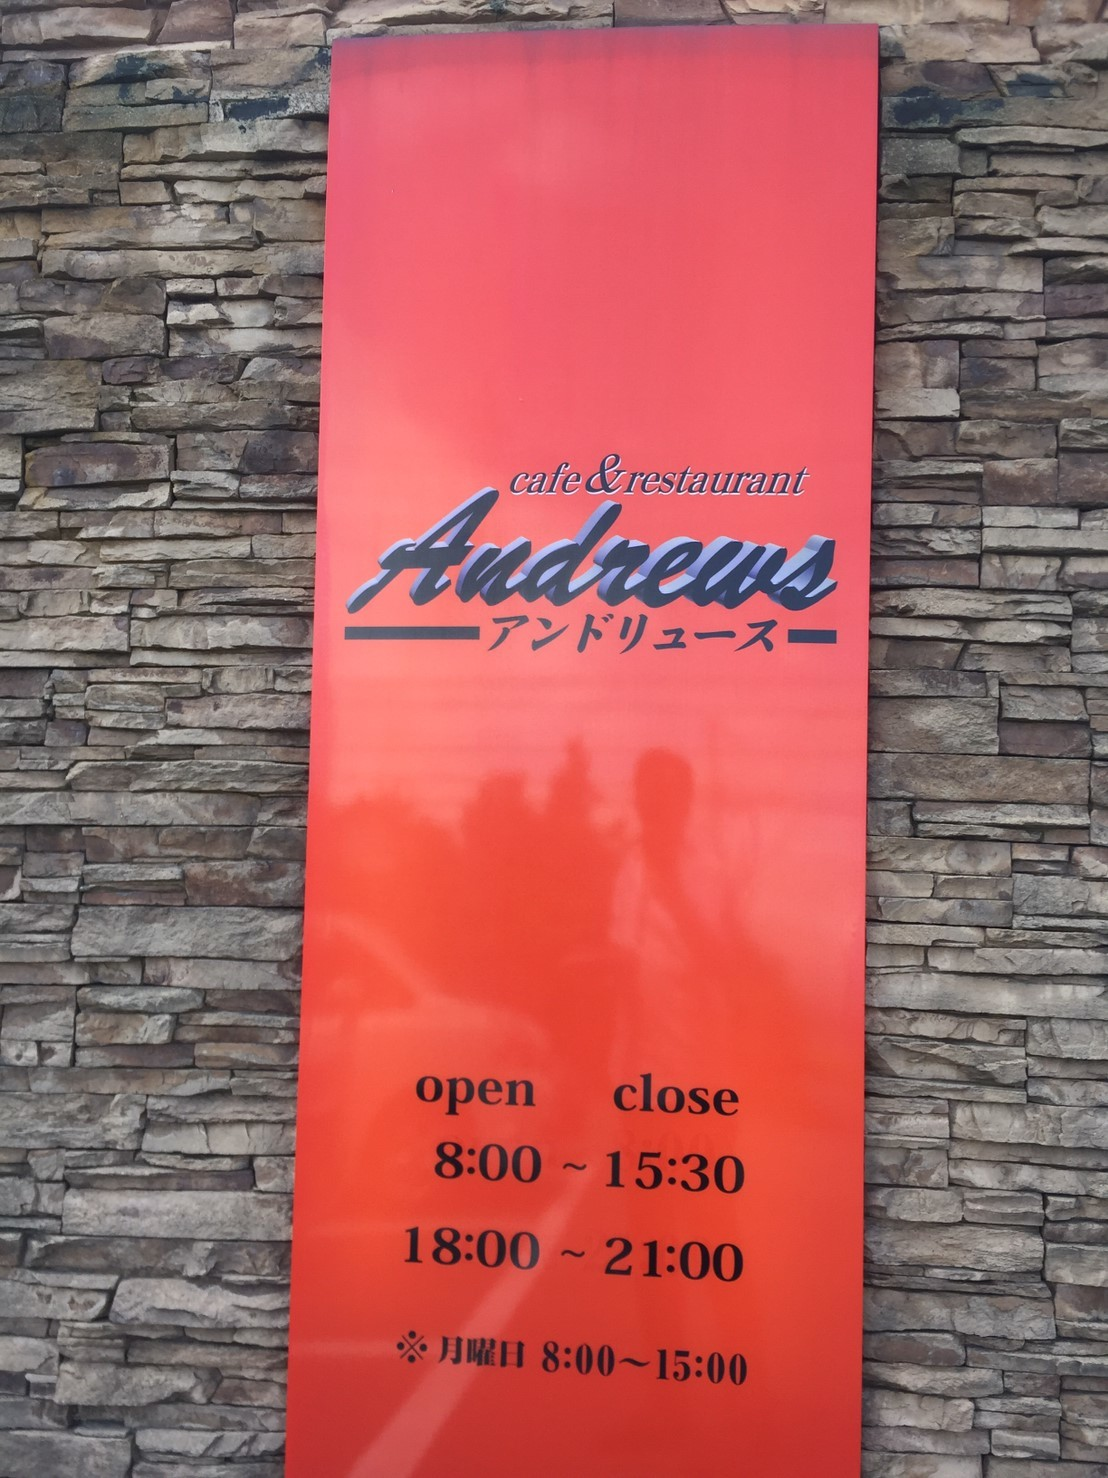 cafe & restaurant Andrews  ポークヘレカツ特製デミソース_e0115904_03440661.jpg